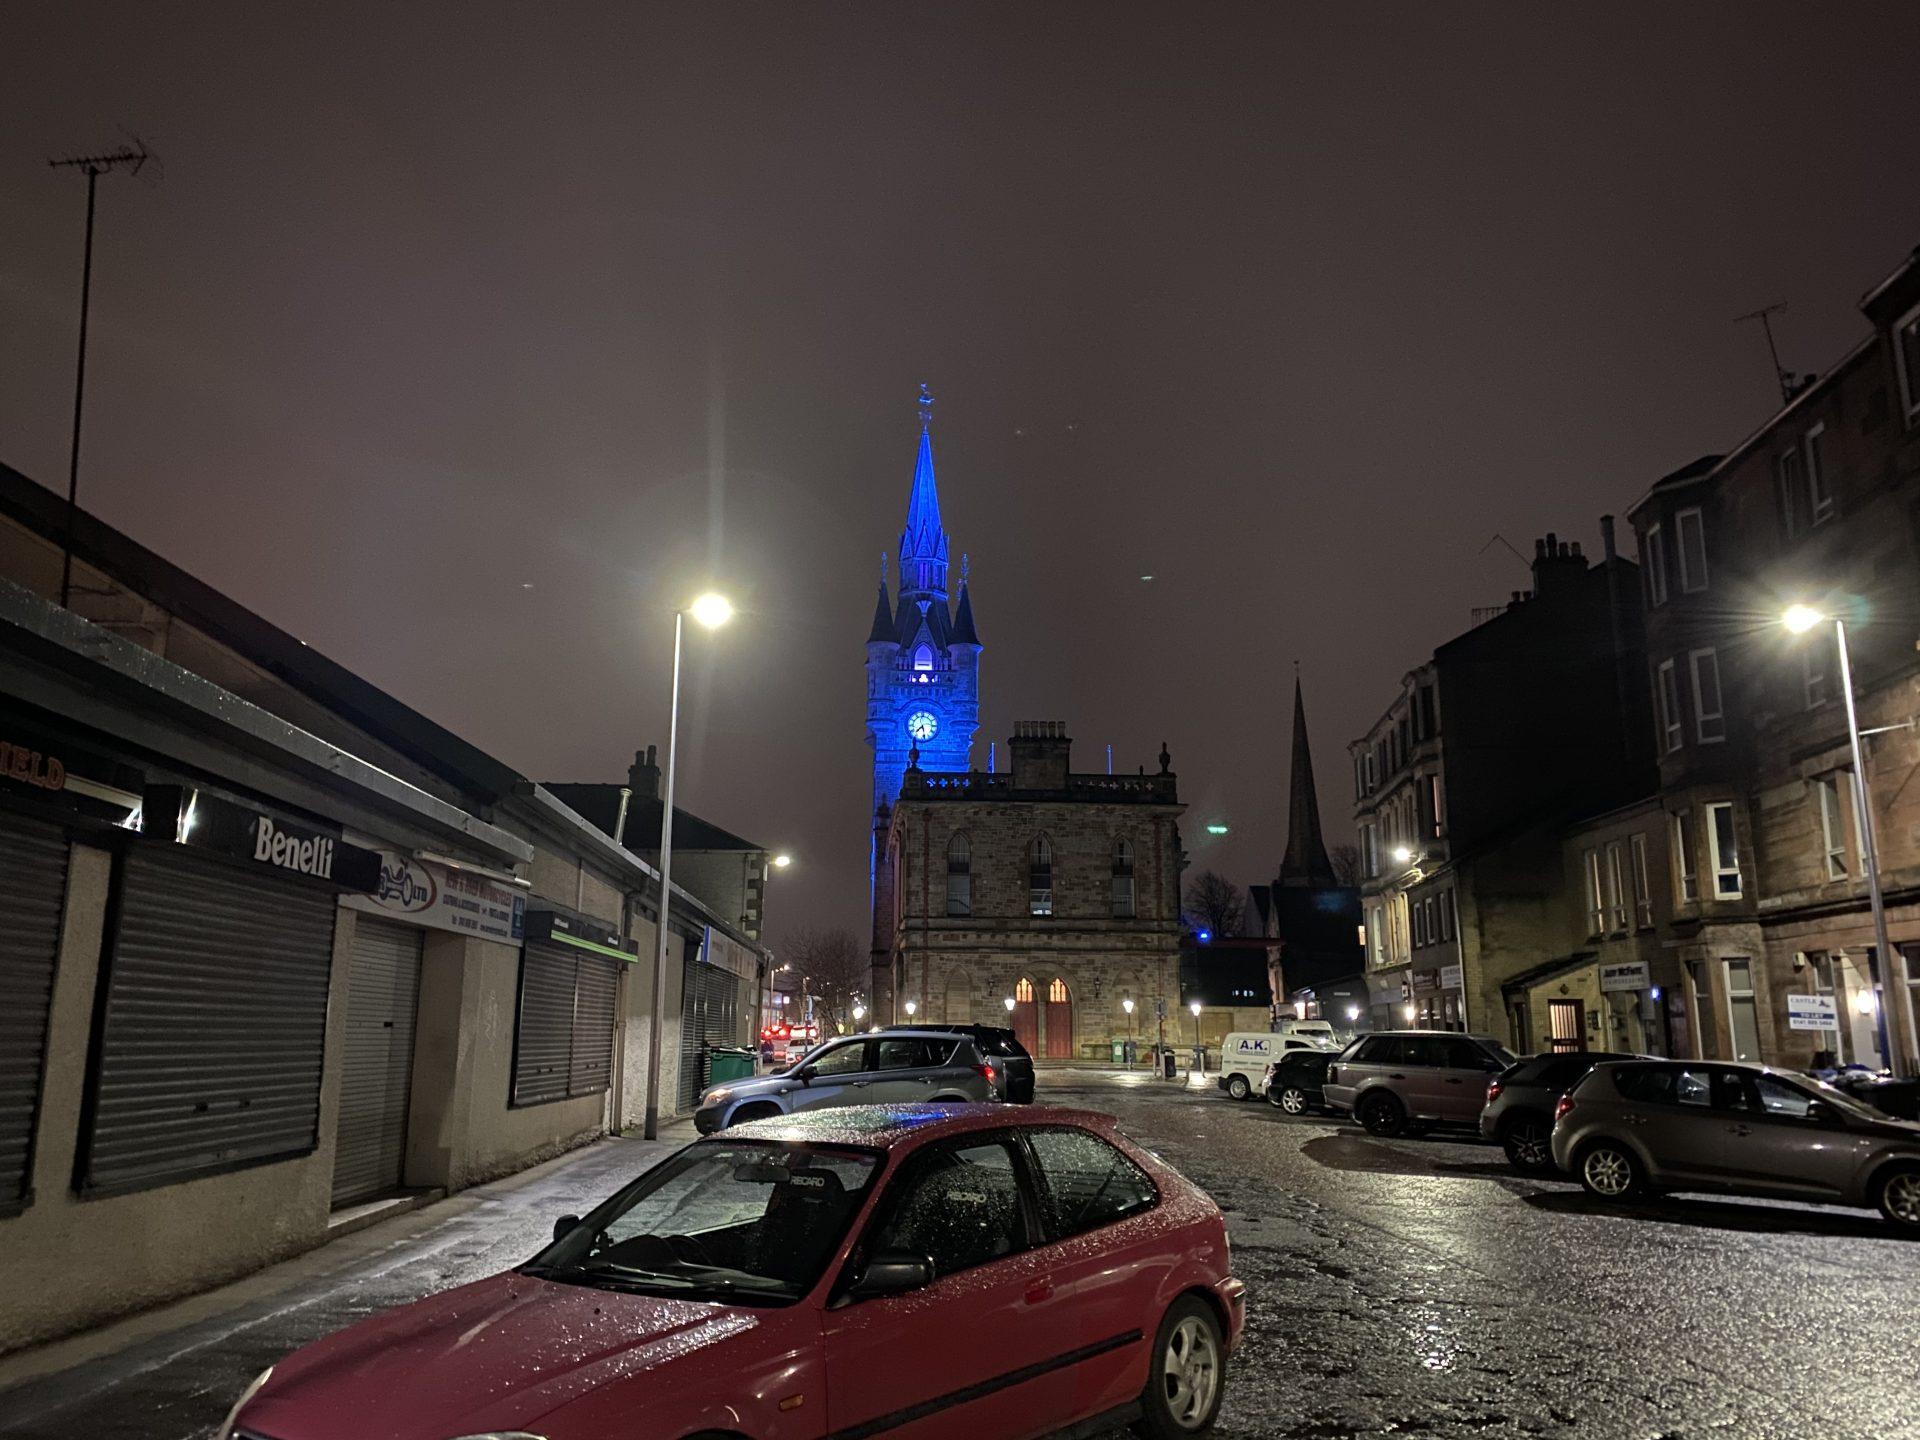 Renfrew Town Hall - Photo by LITE